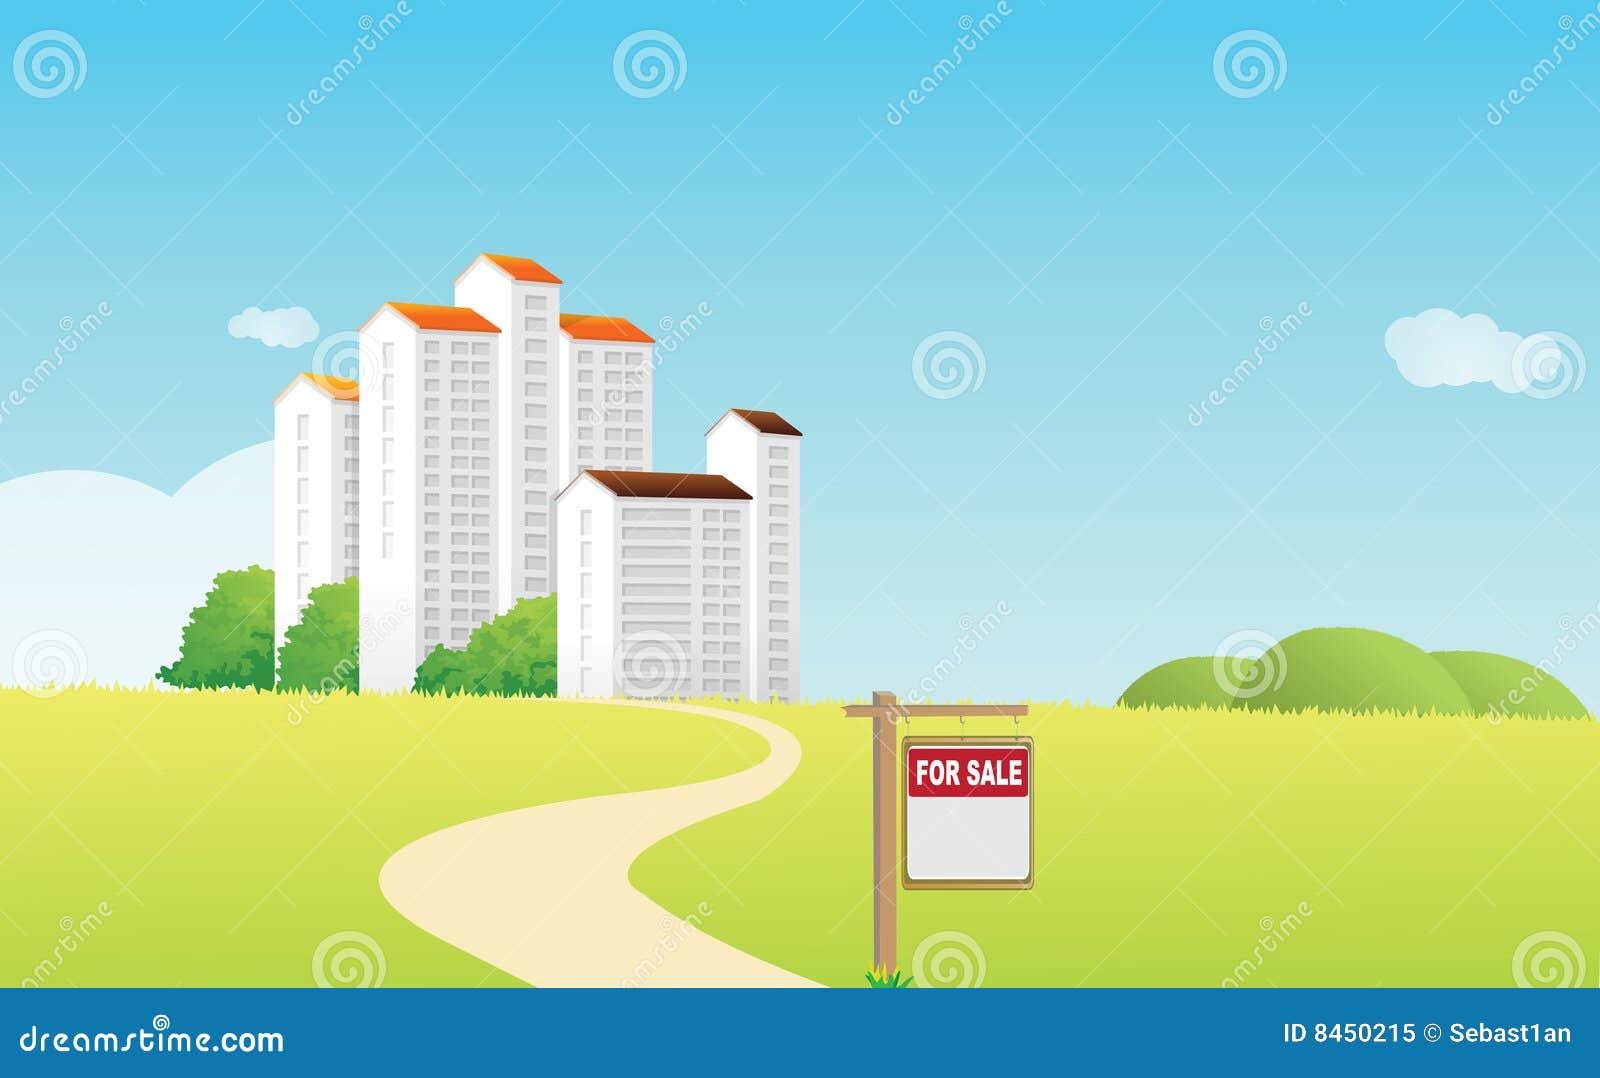 Husförsäljning